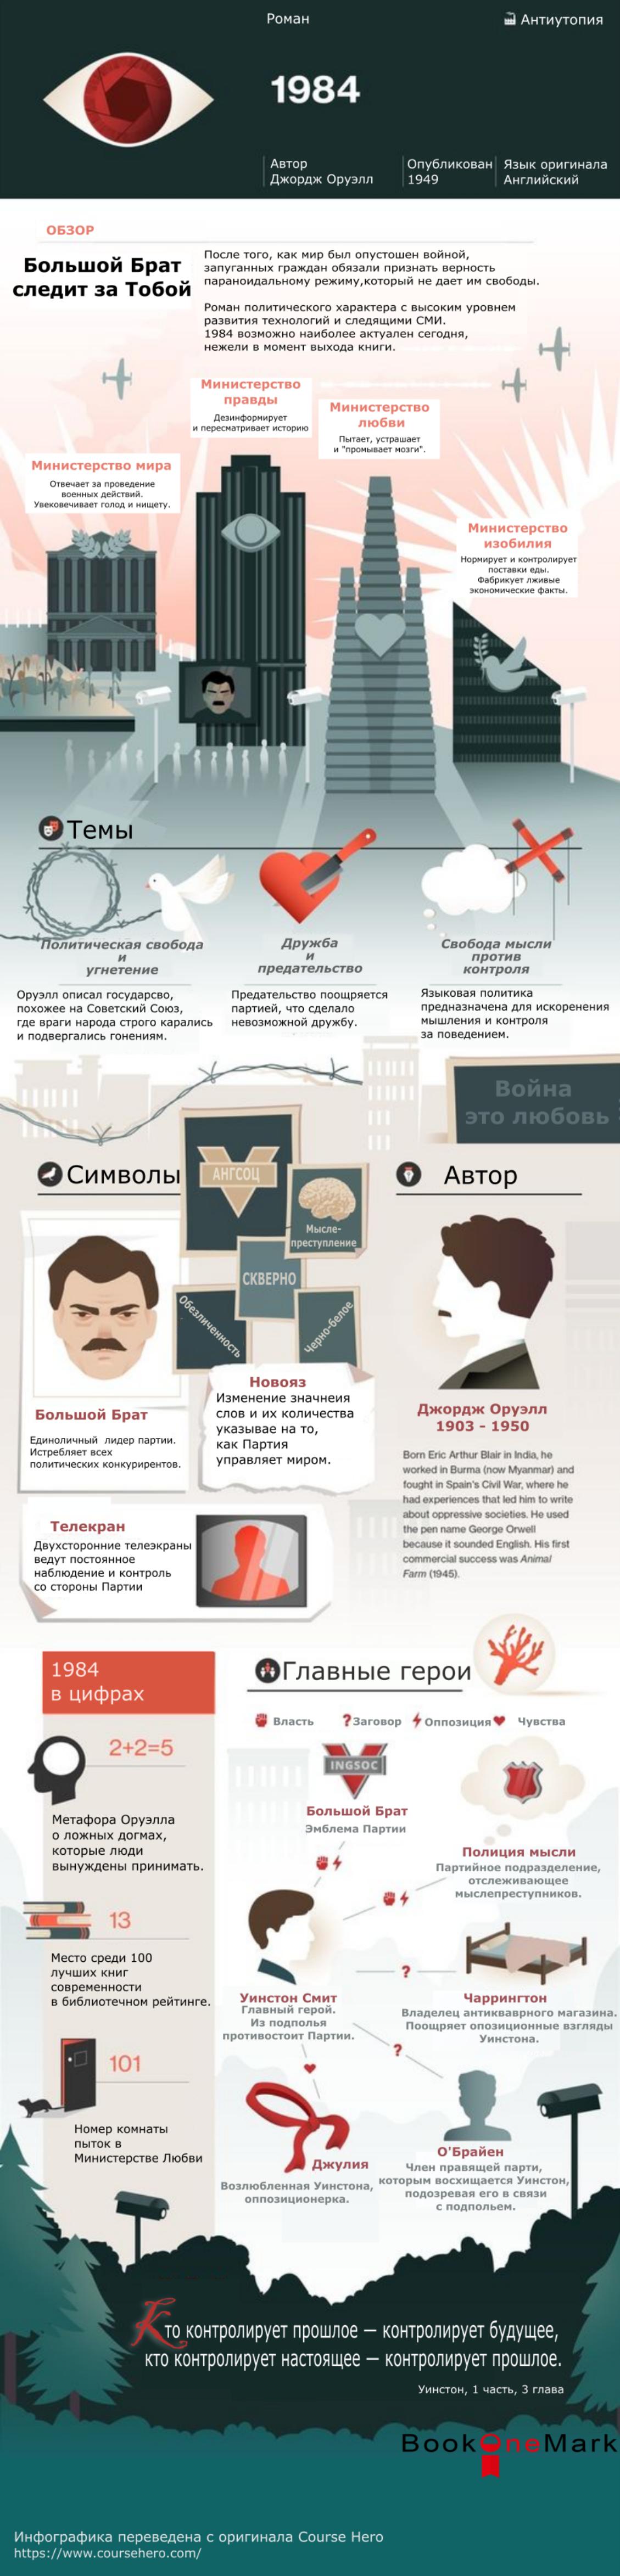 инфографика по книге